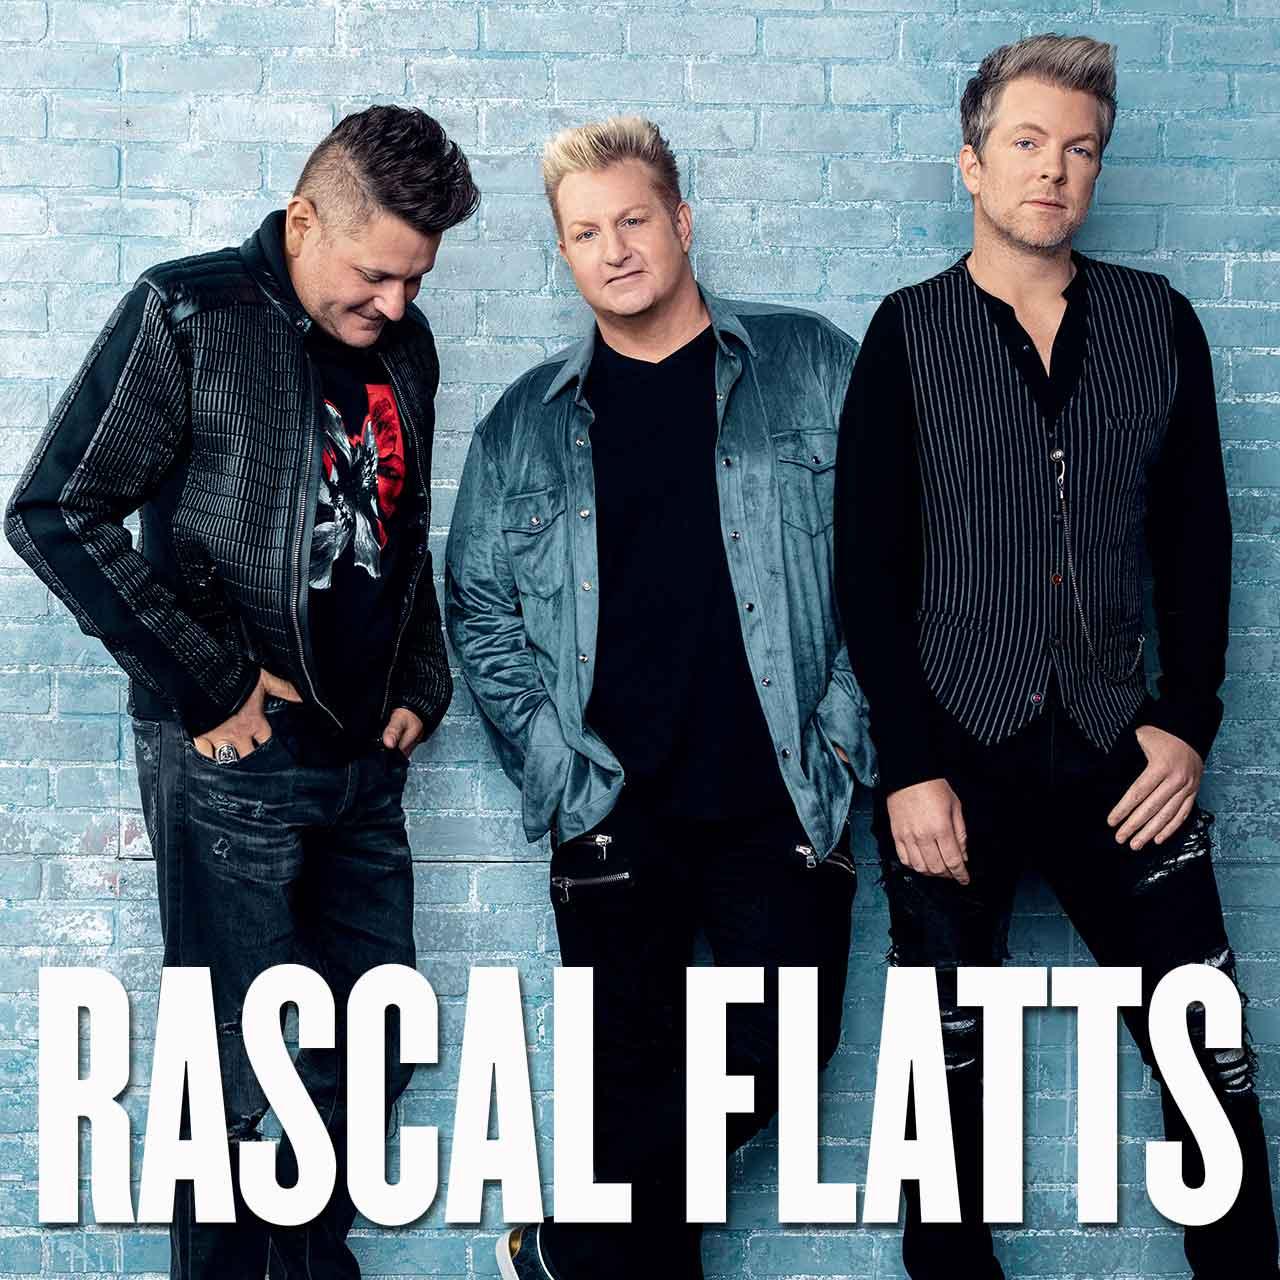 Rascal Flatts 2020